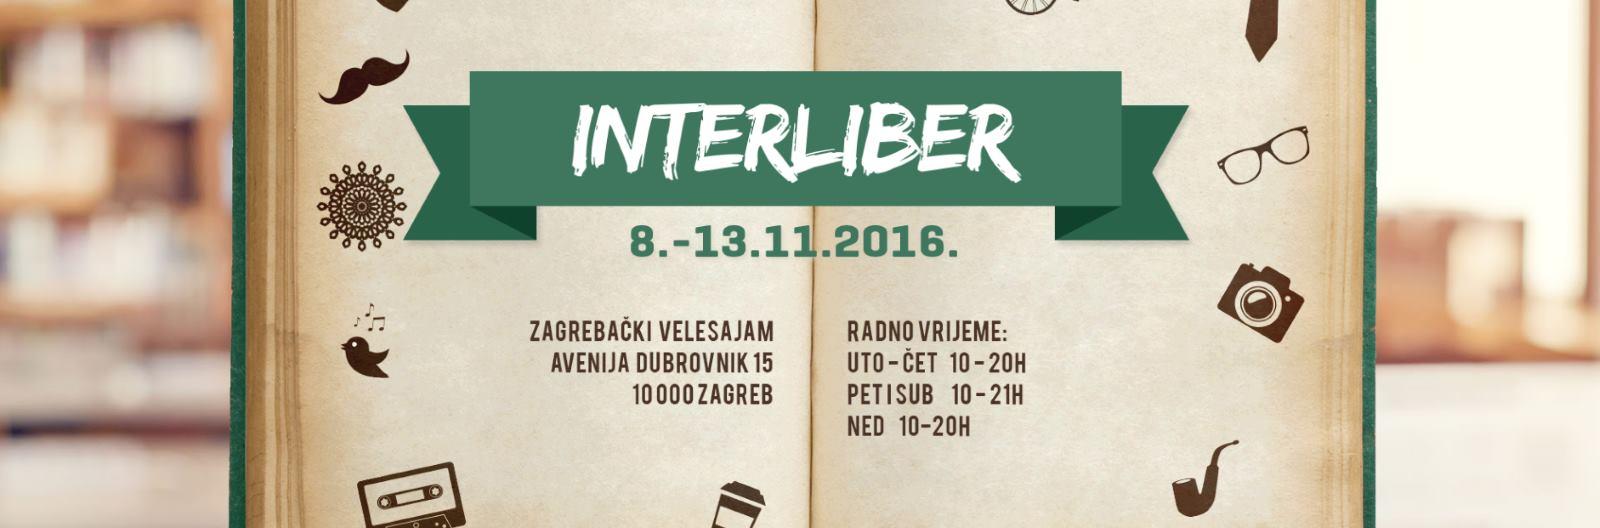 INTERLIBER 2016 Proučite program događanja i književne novitete